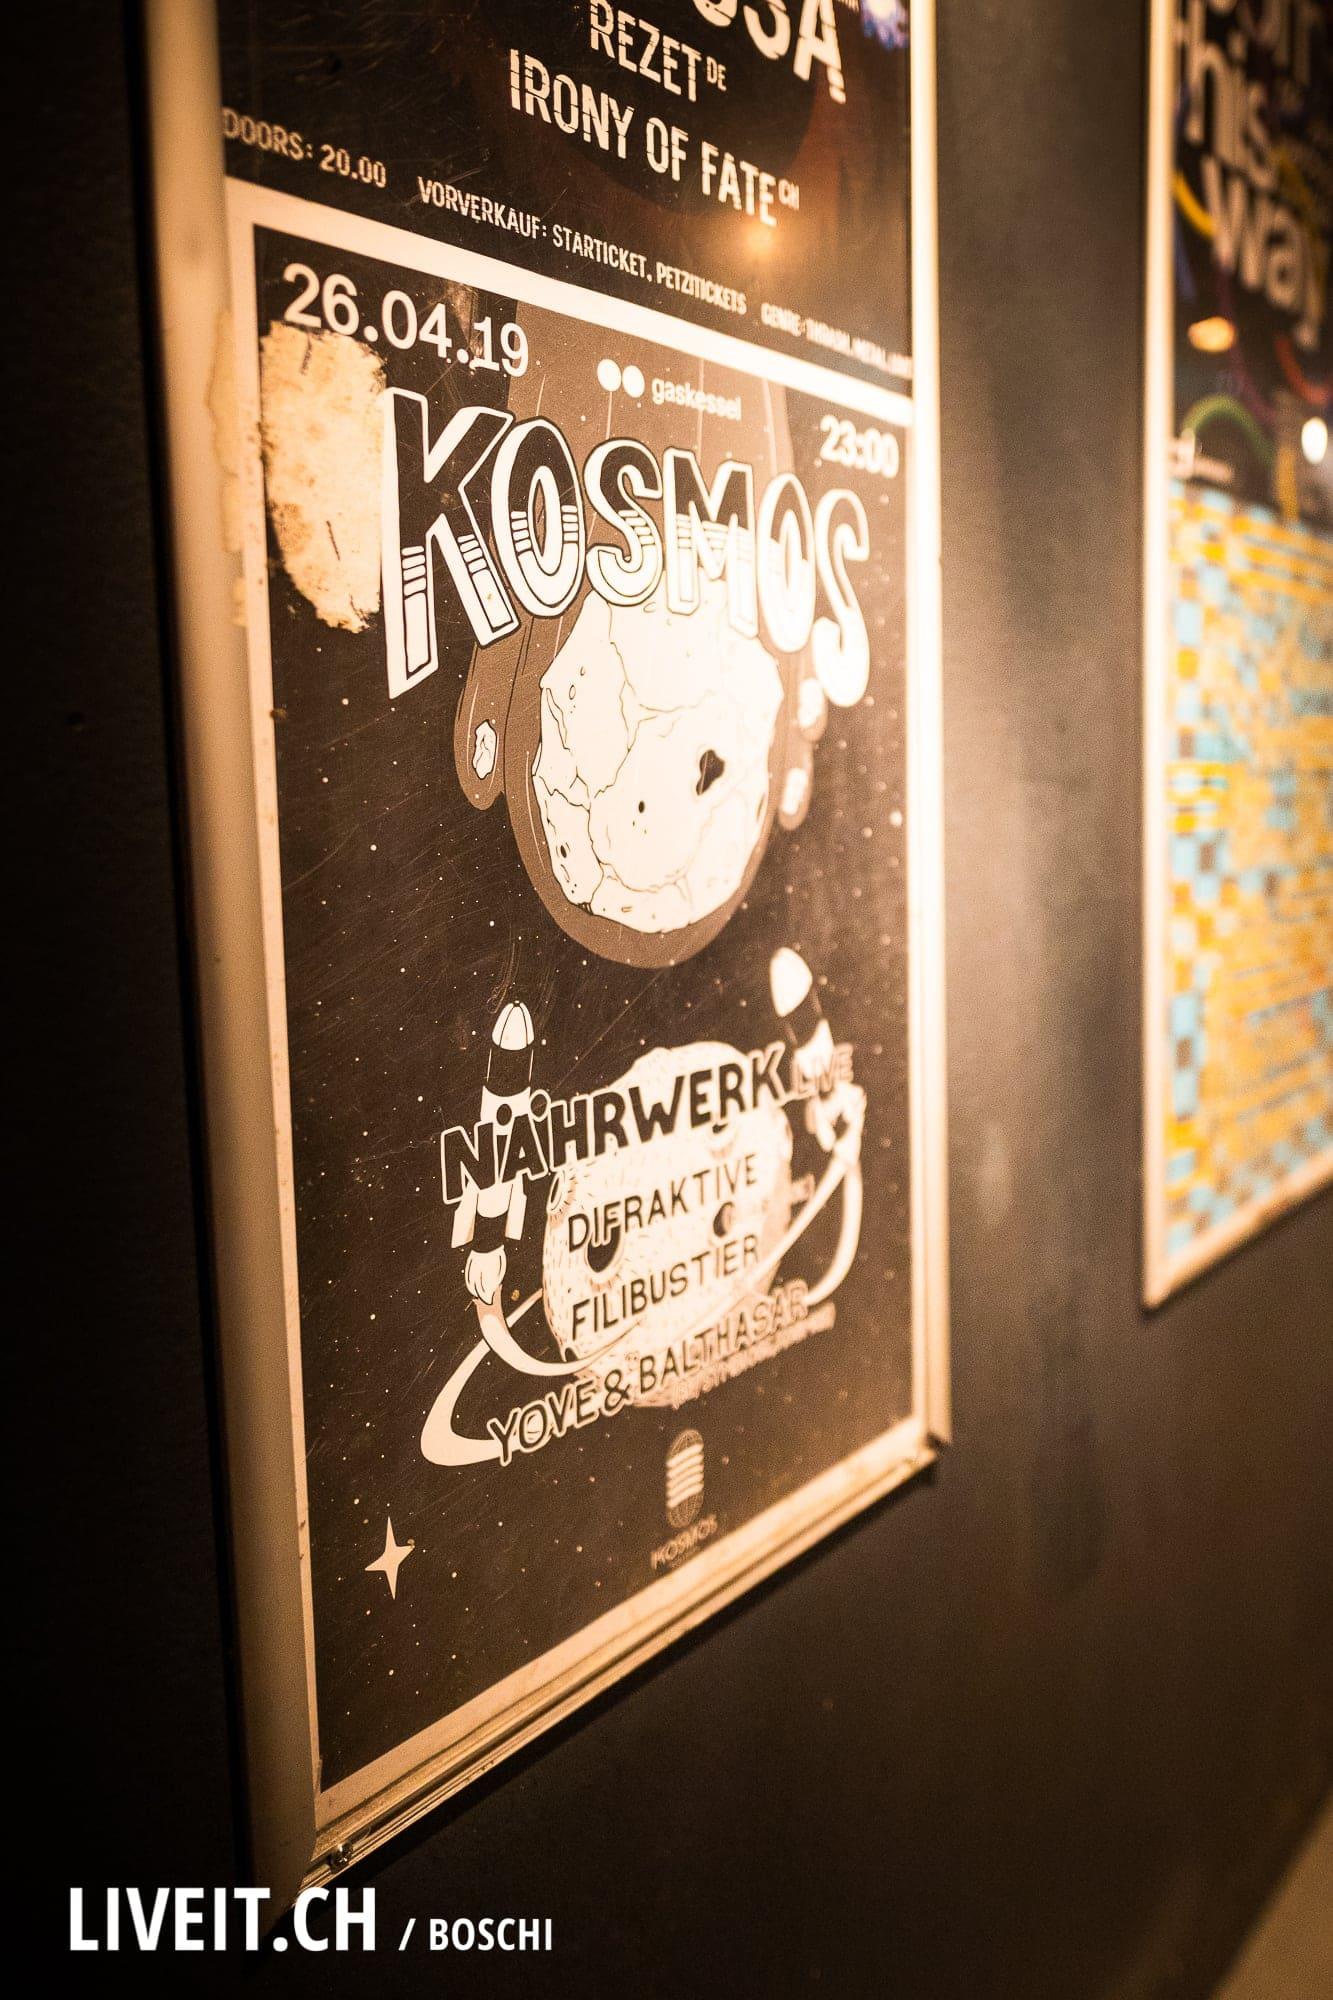 190426KosmosGaskessel-liveit-boschi-9